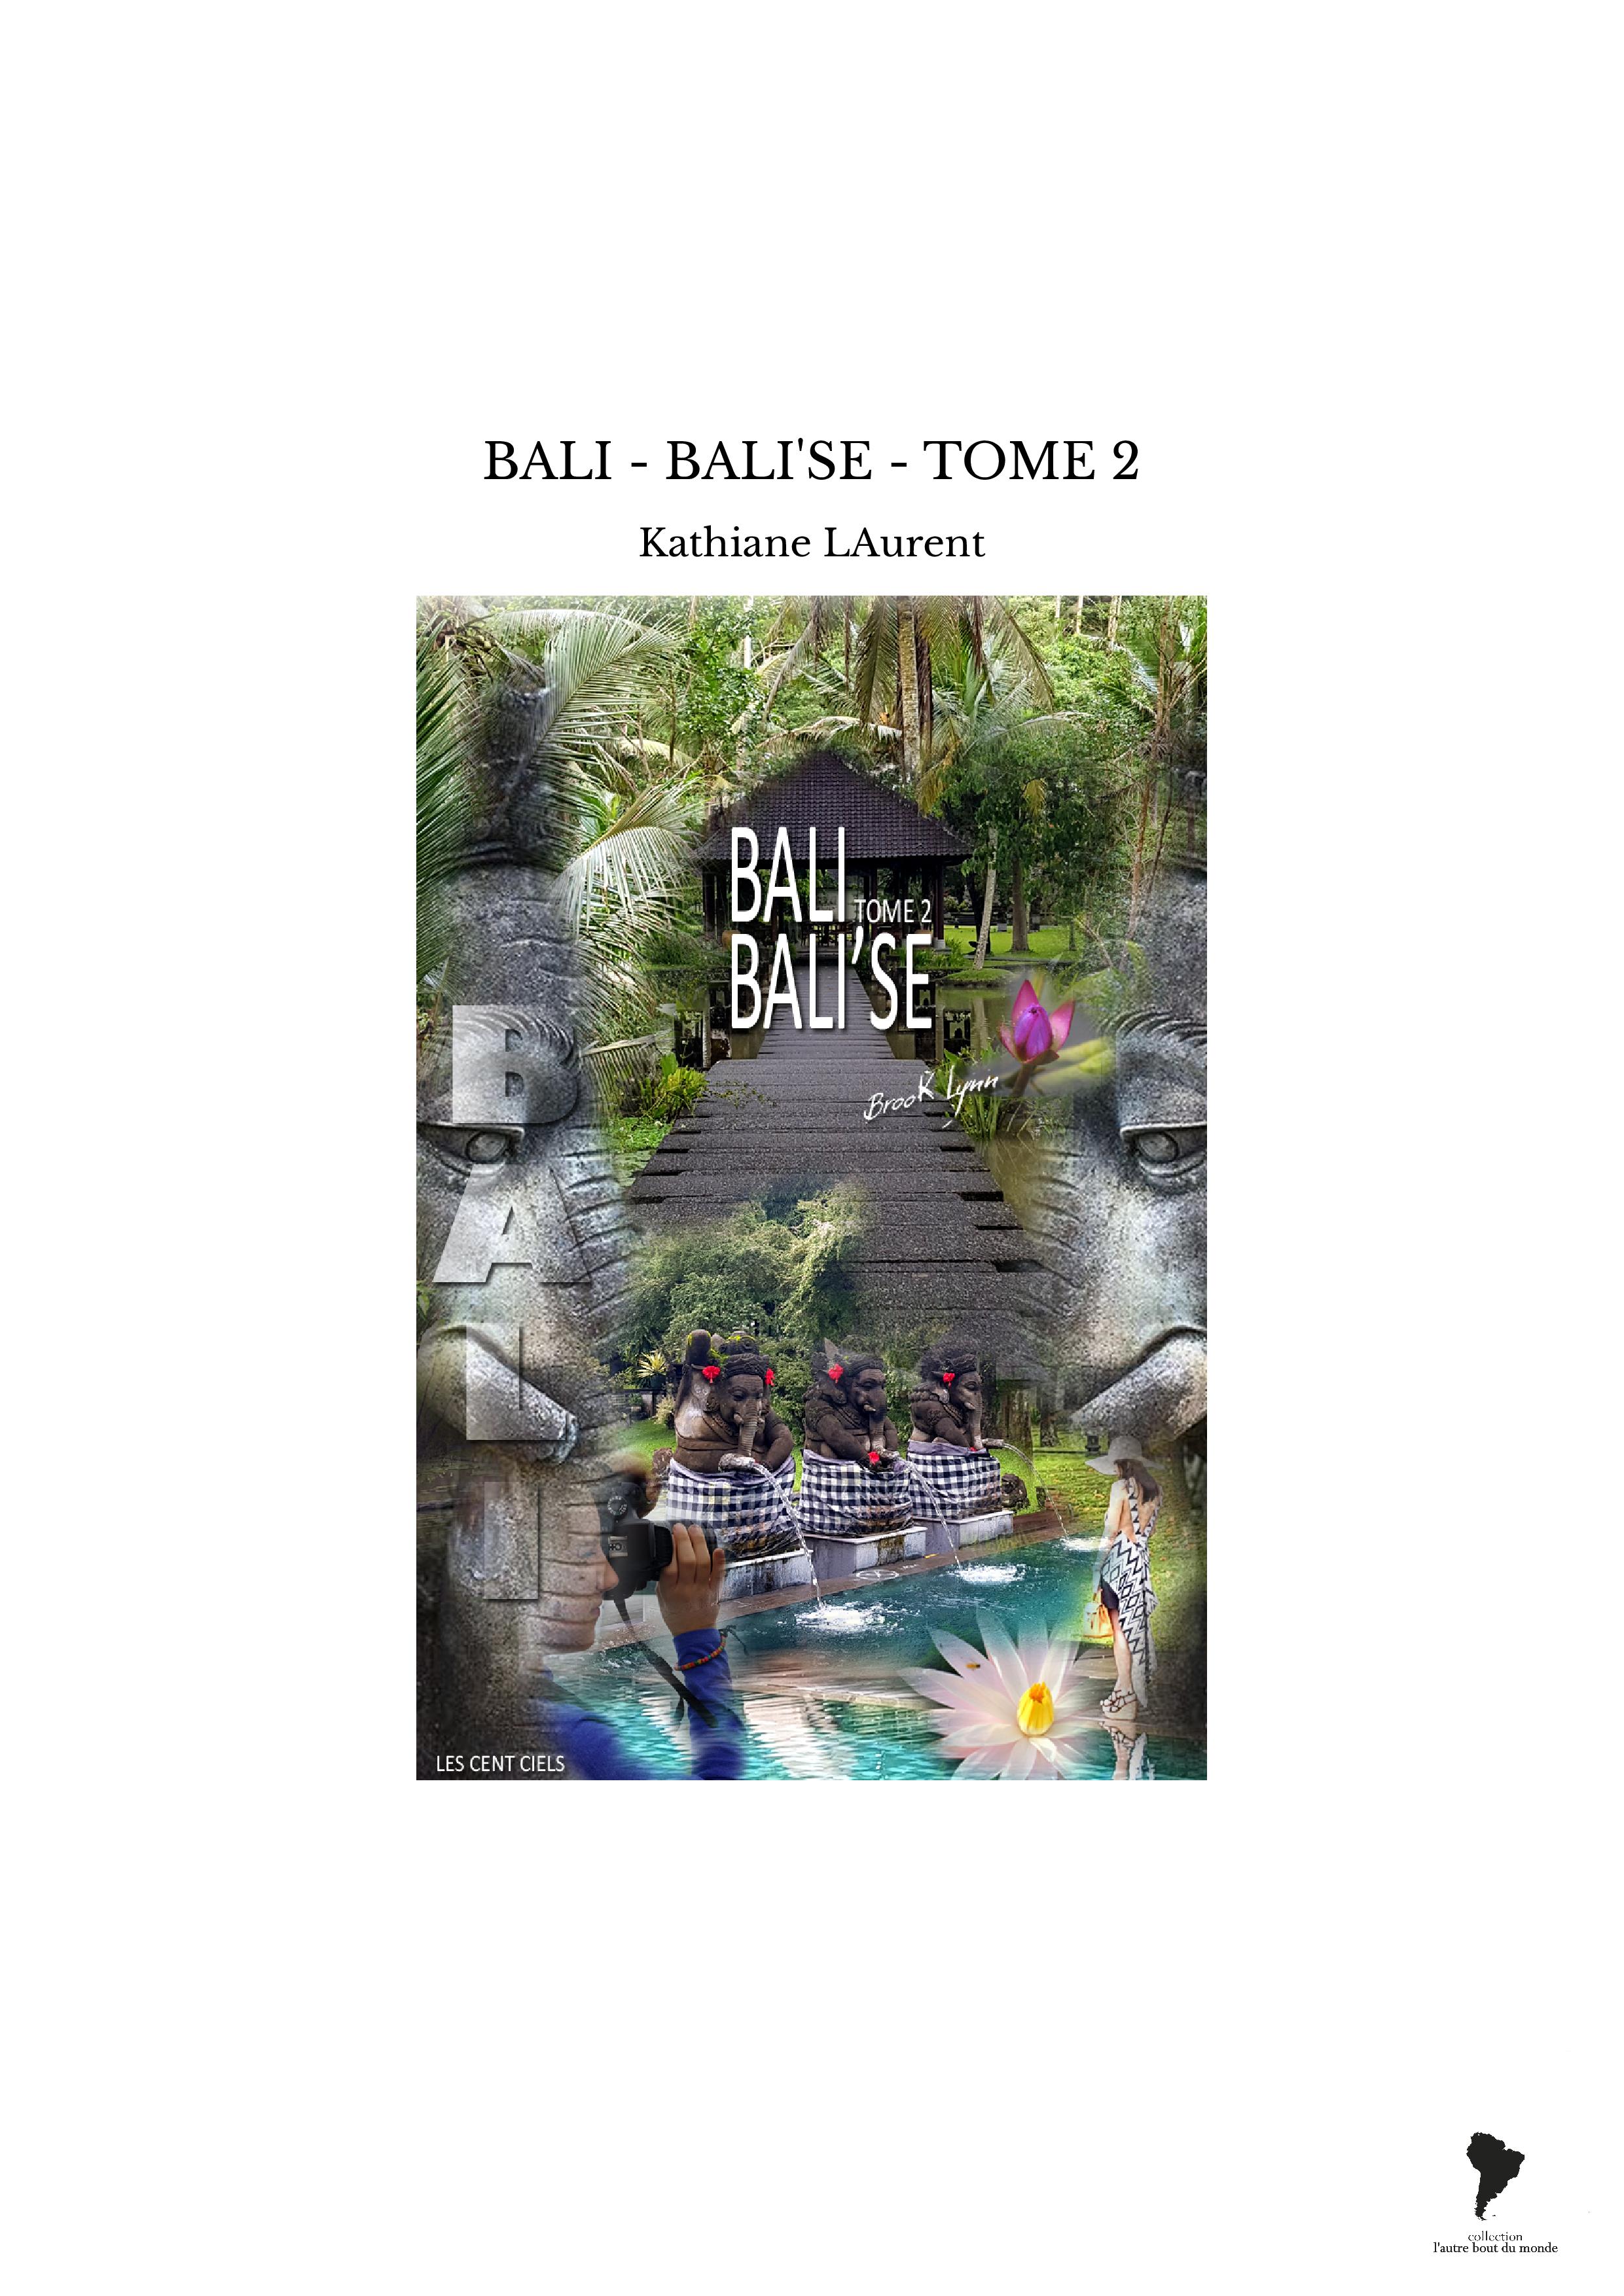 BALI - BALI'SE - TOME 2